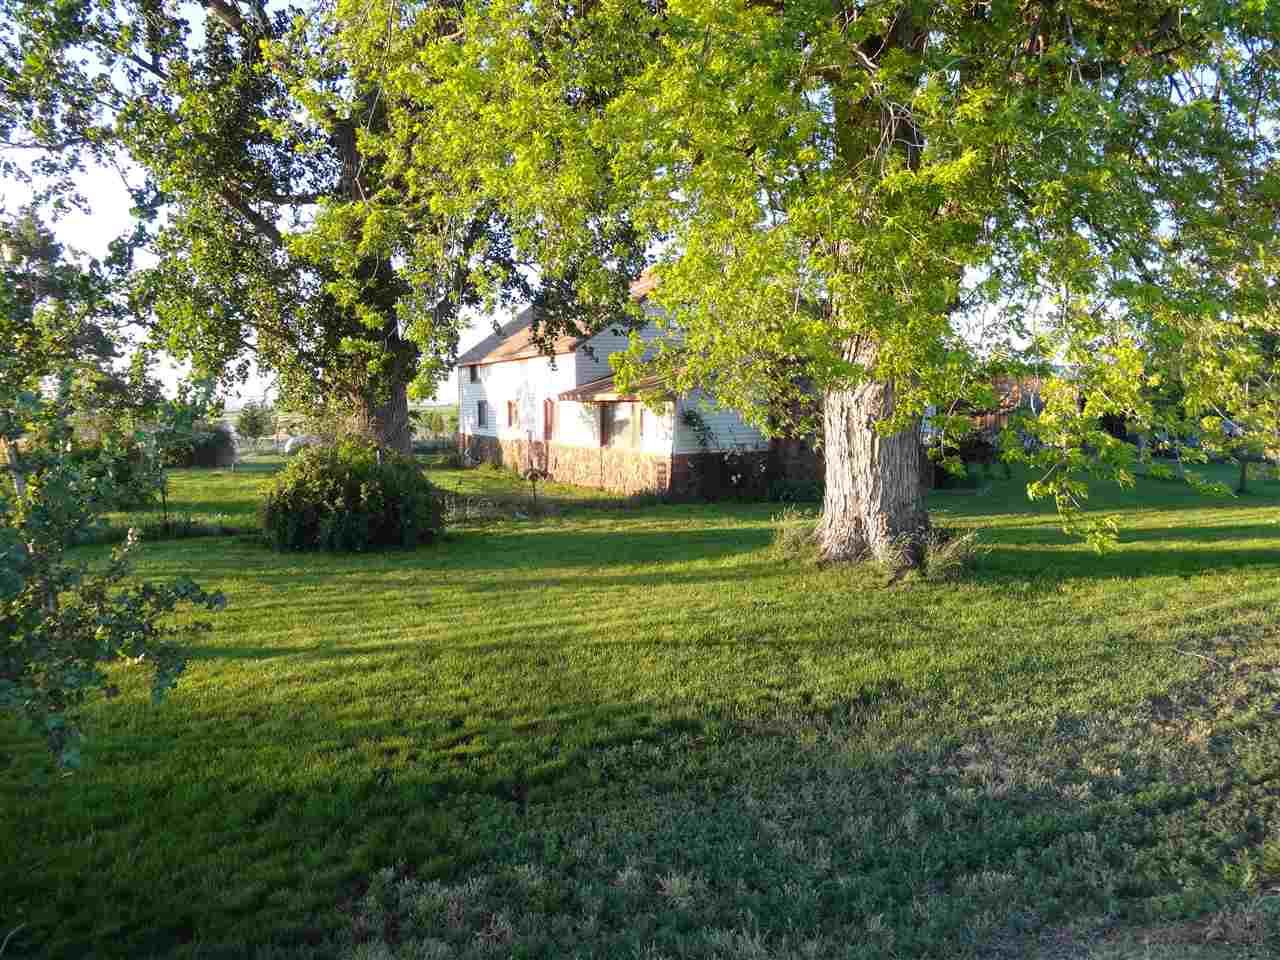 独户住宅 为 销售 在 22332 Tucker Road 22332 Tucker Road Greenleaf, 爱达荷州 83626